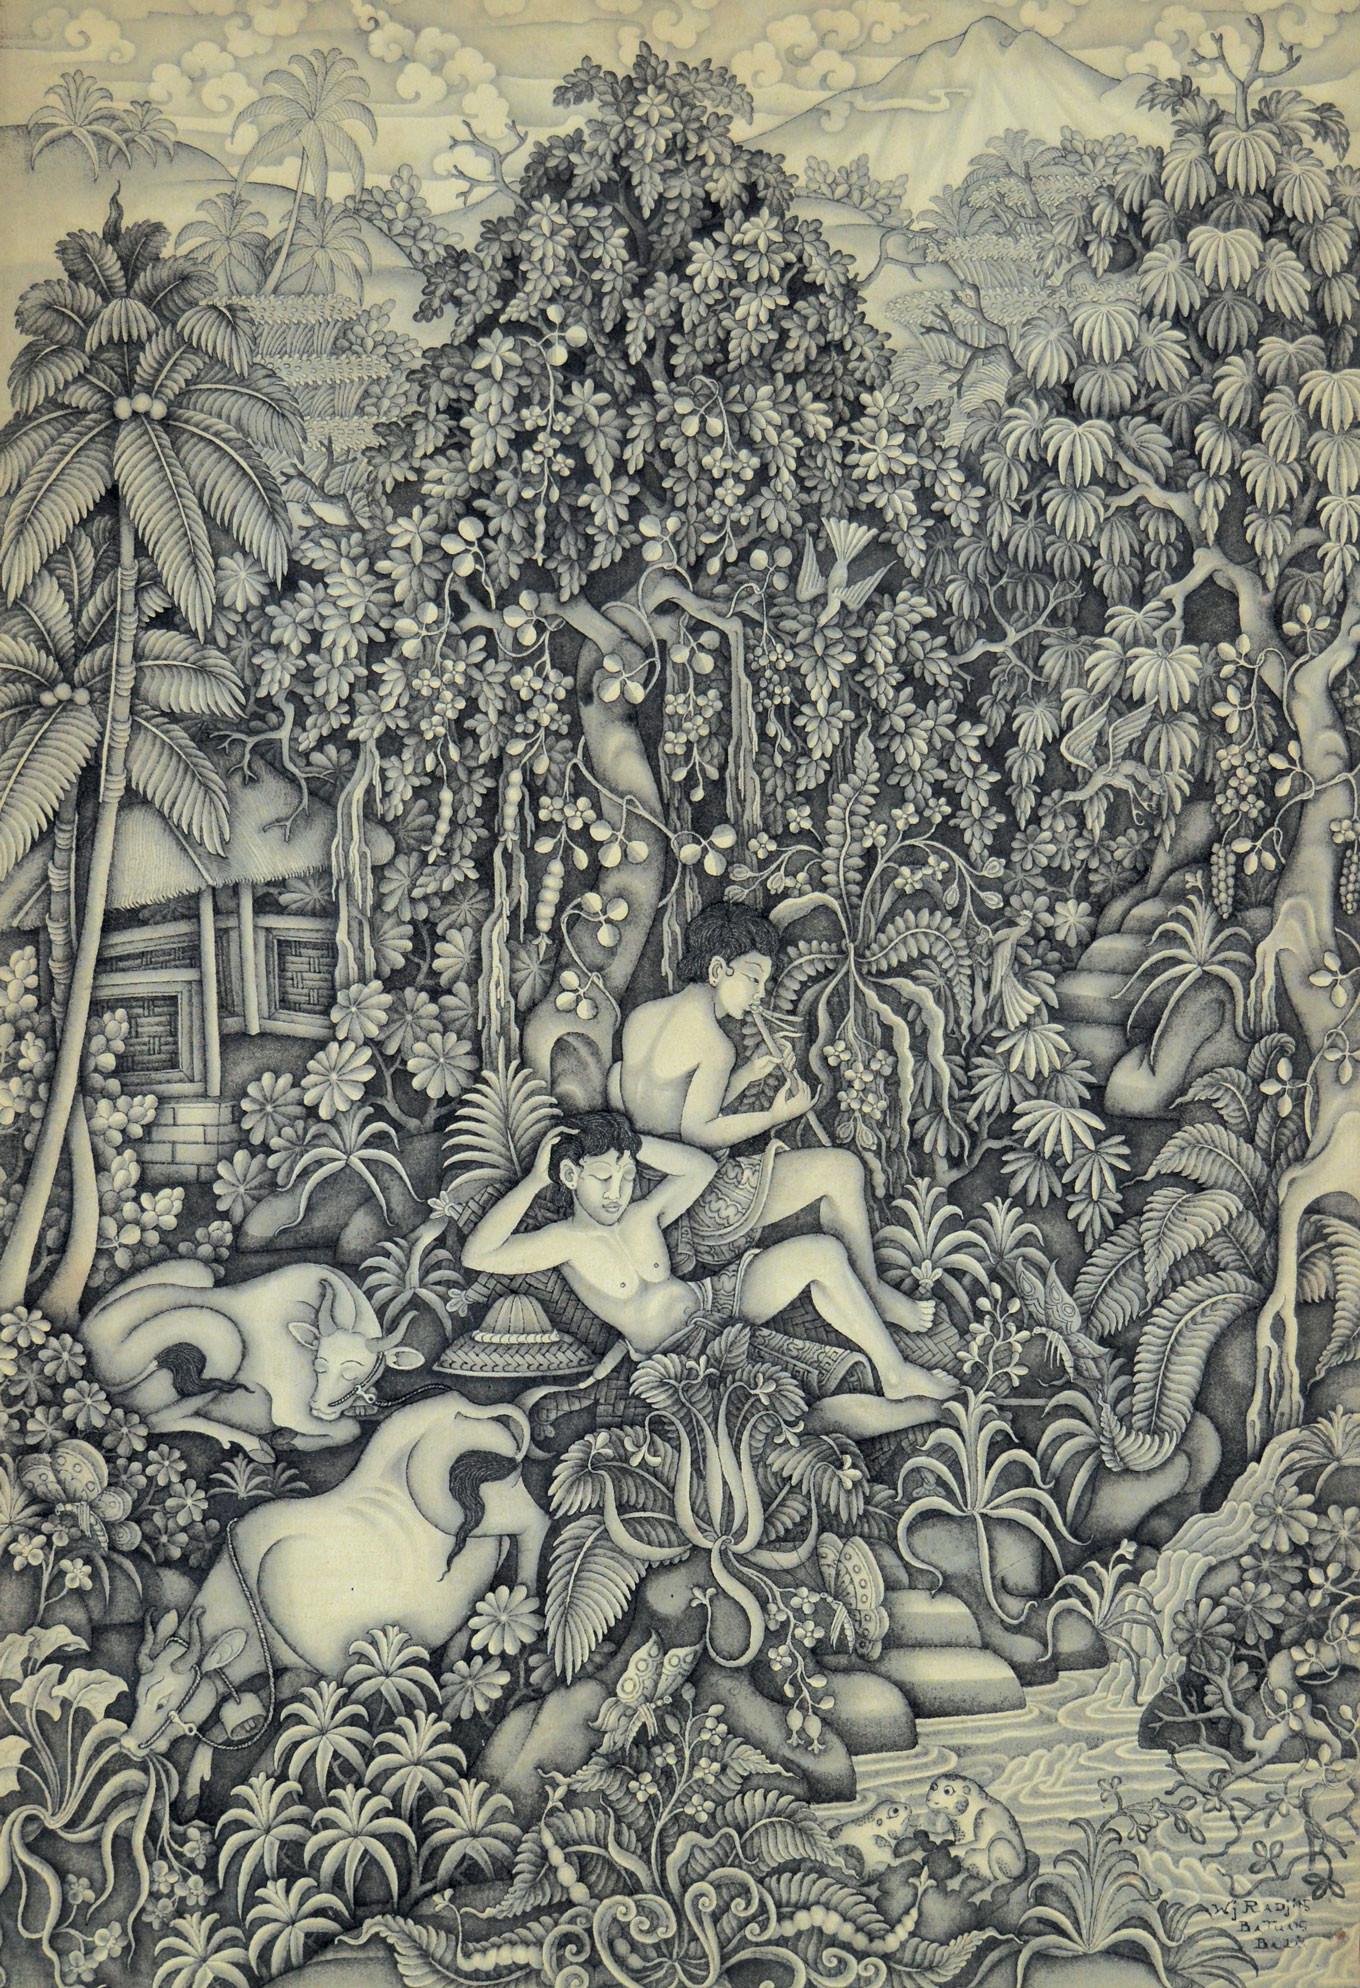 'Gembala Sapi' by Wayan Radjin